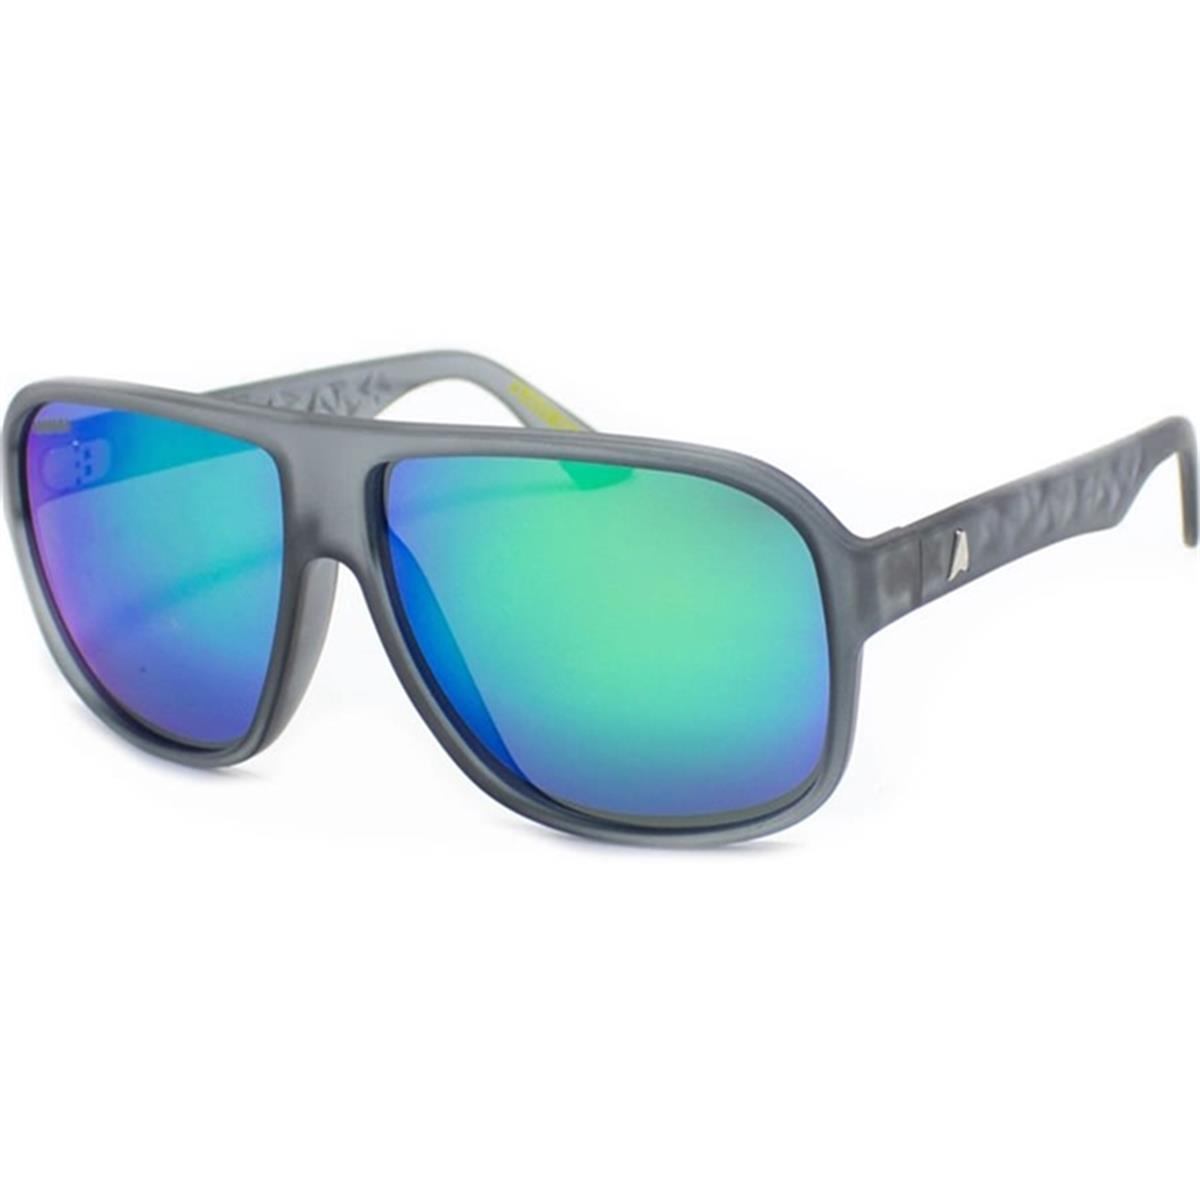 7e6022b3d Óculos de Sol Grafite Fosco Lente Verde Espelhada Flash CALIXTO Absurda